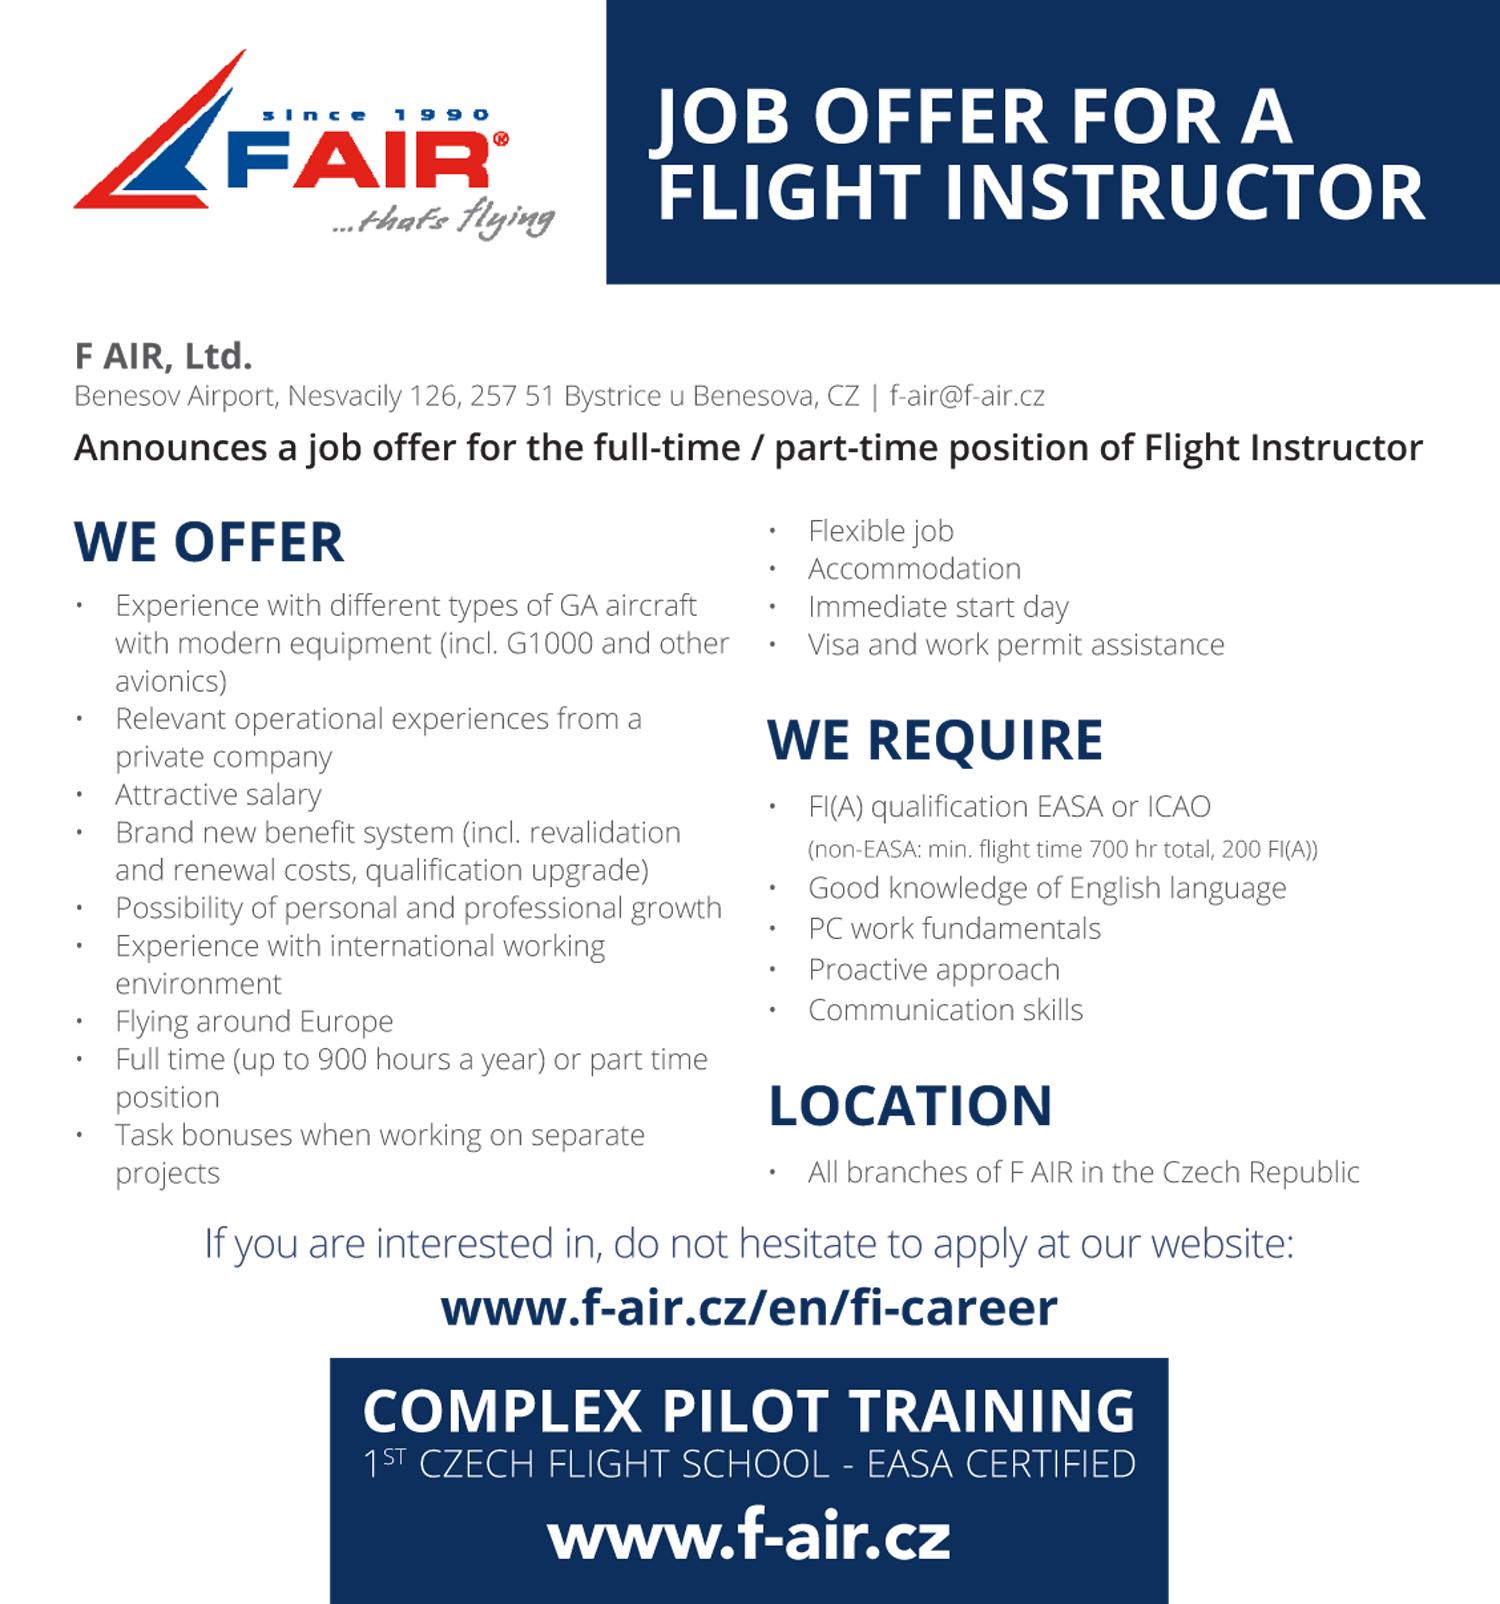 F Air instructors